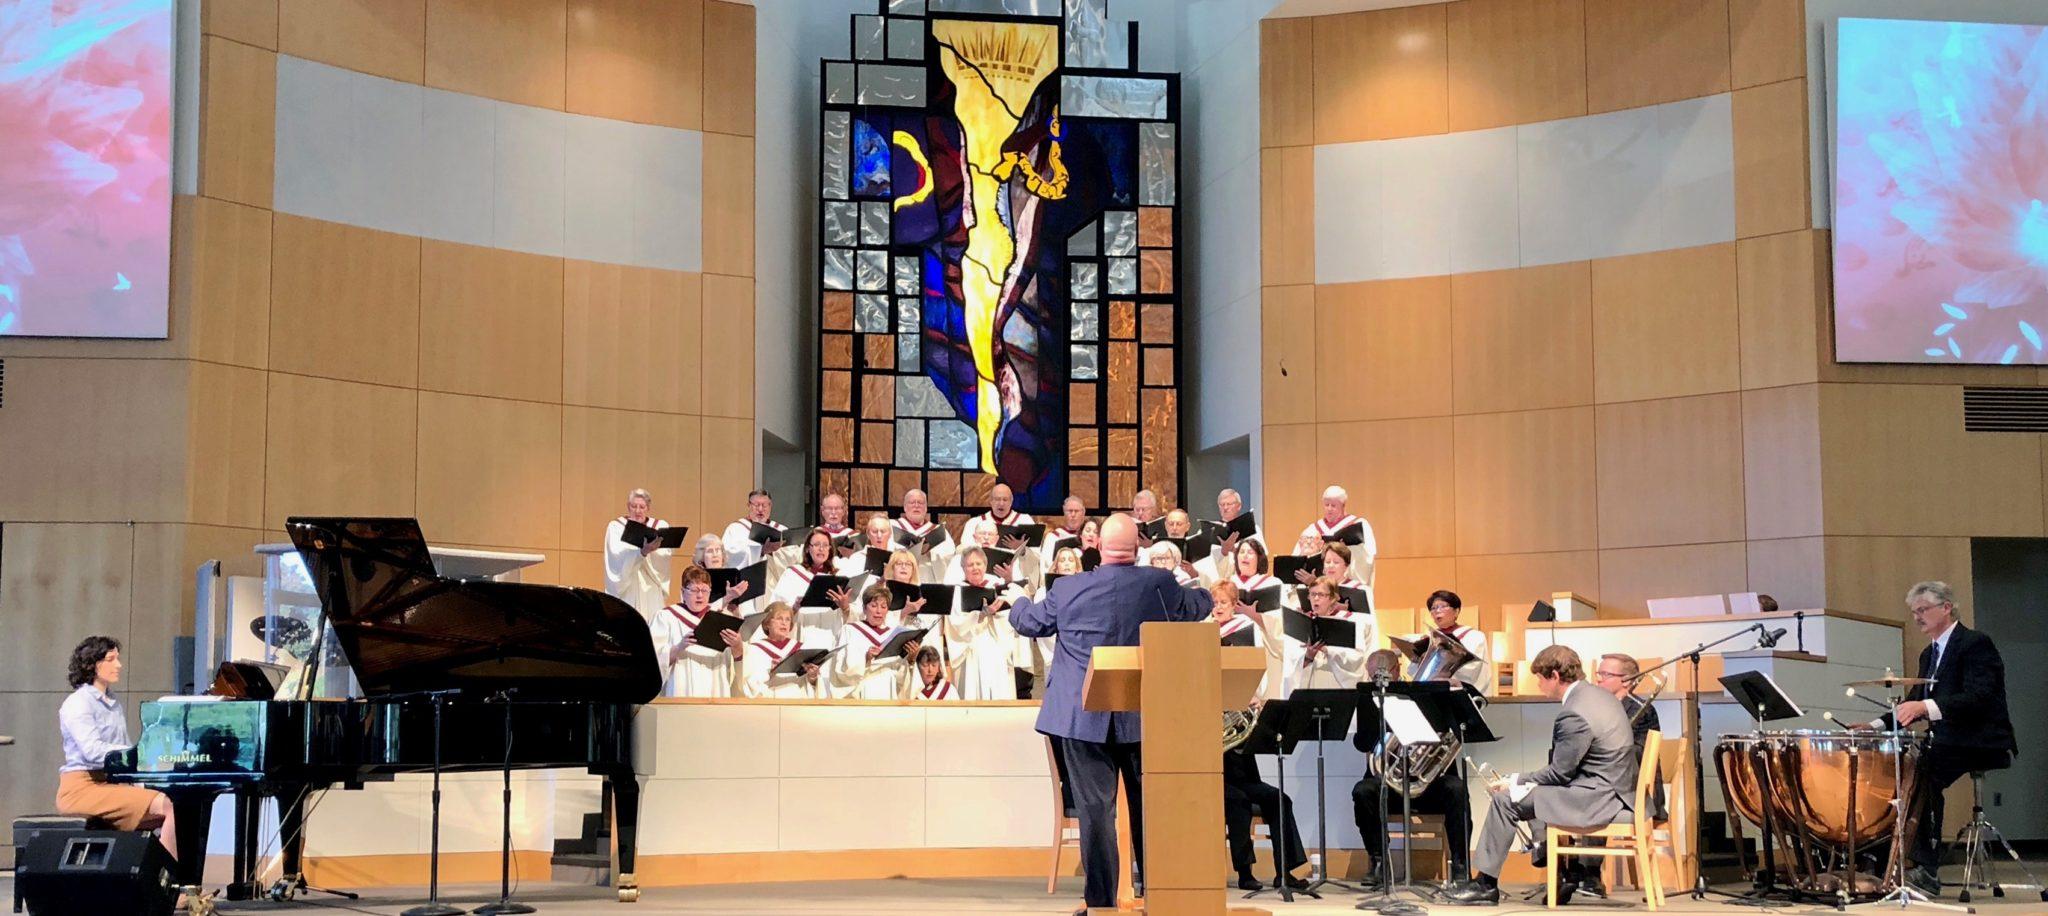 Brian Piper directing the choir